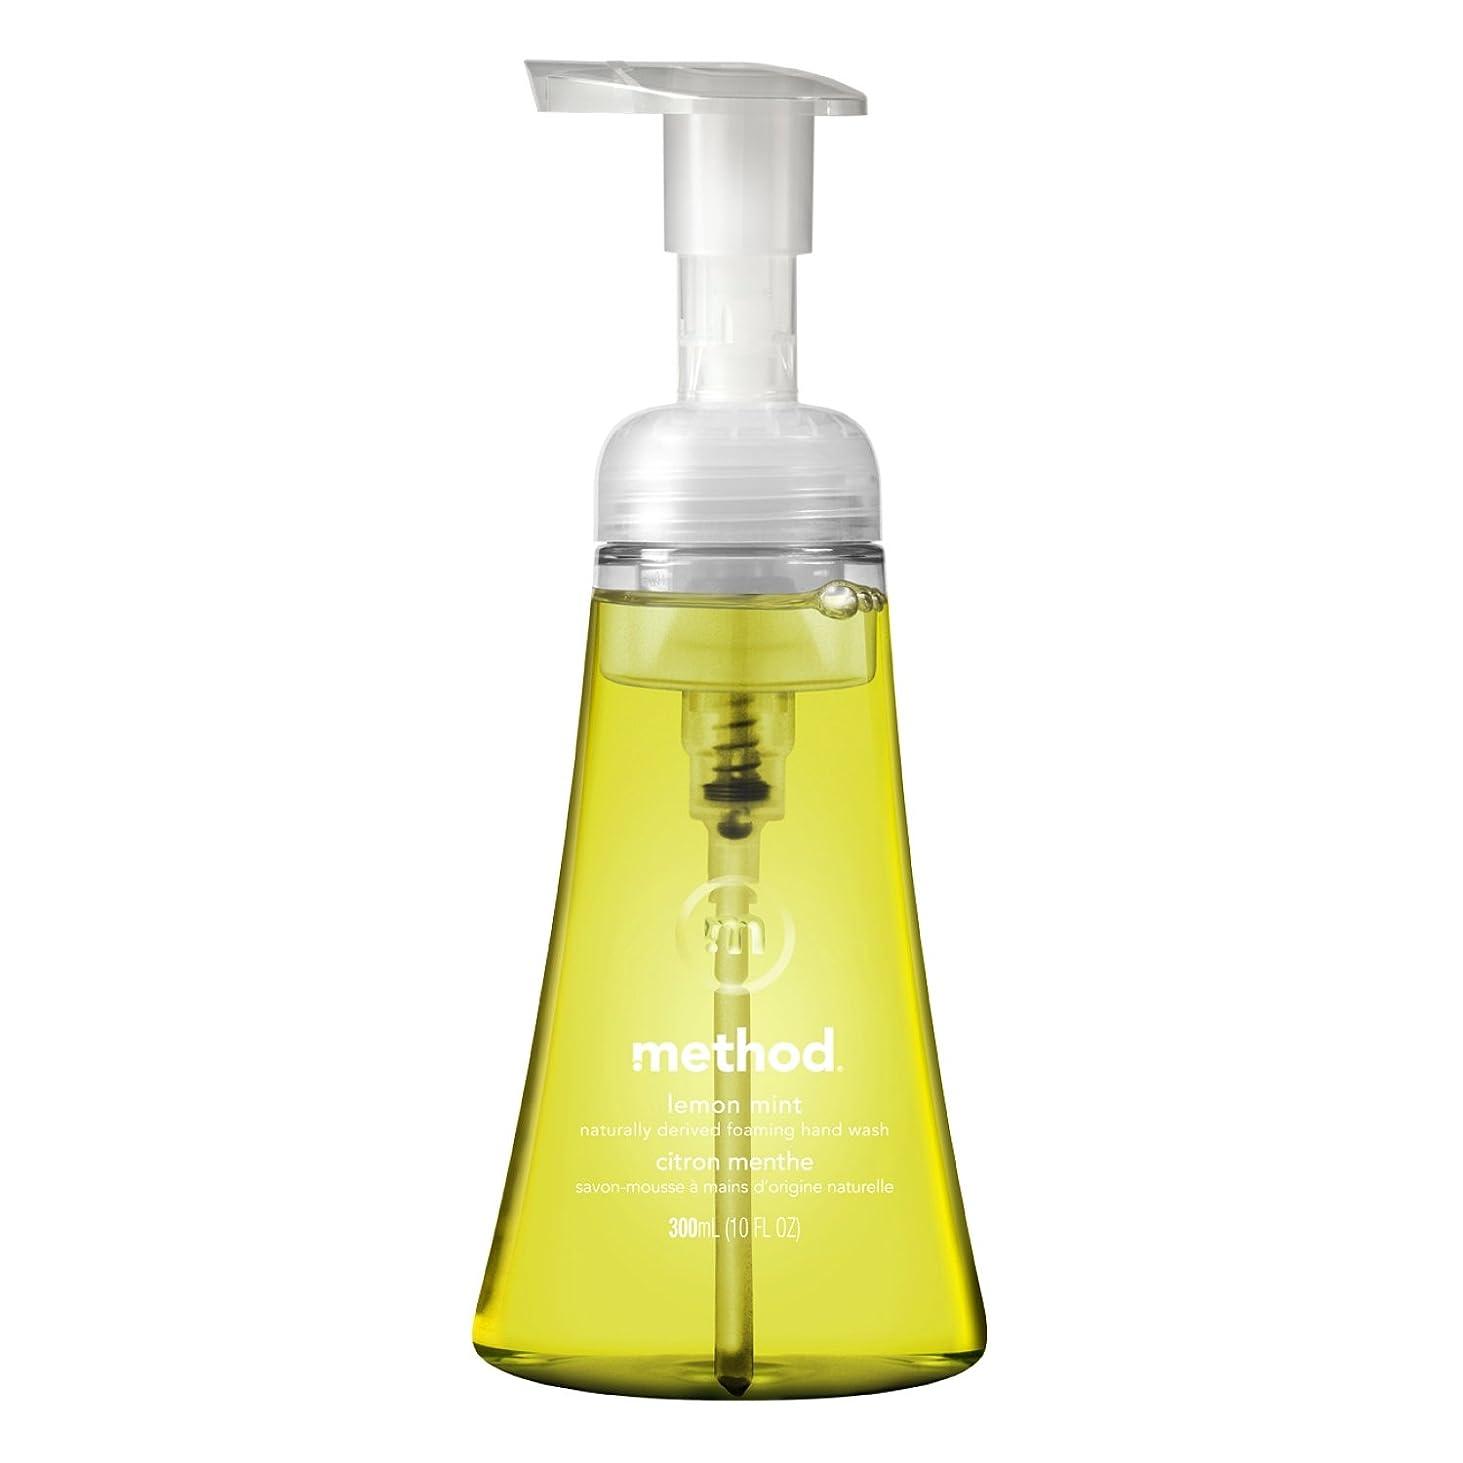 記述するトロイの木馬用量メソッド ハンドソープ 泡タイプ レモンミント 本体300ml